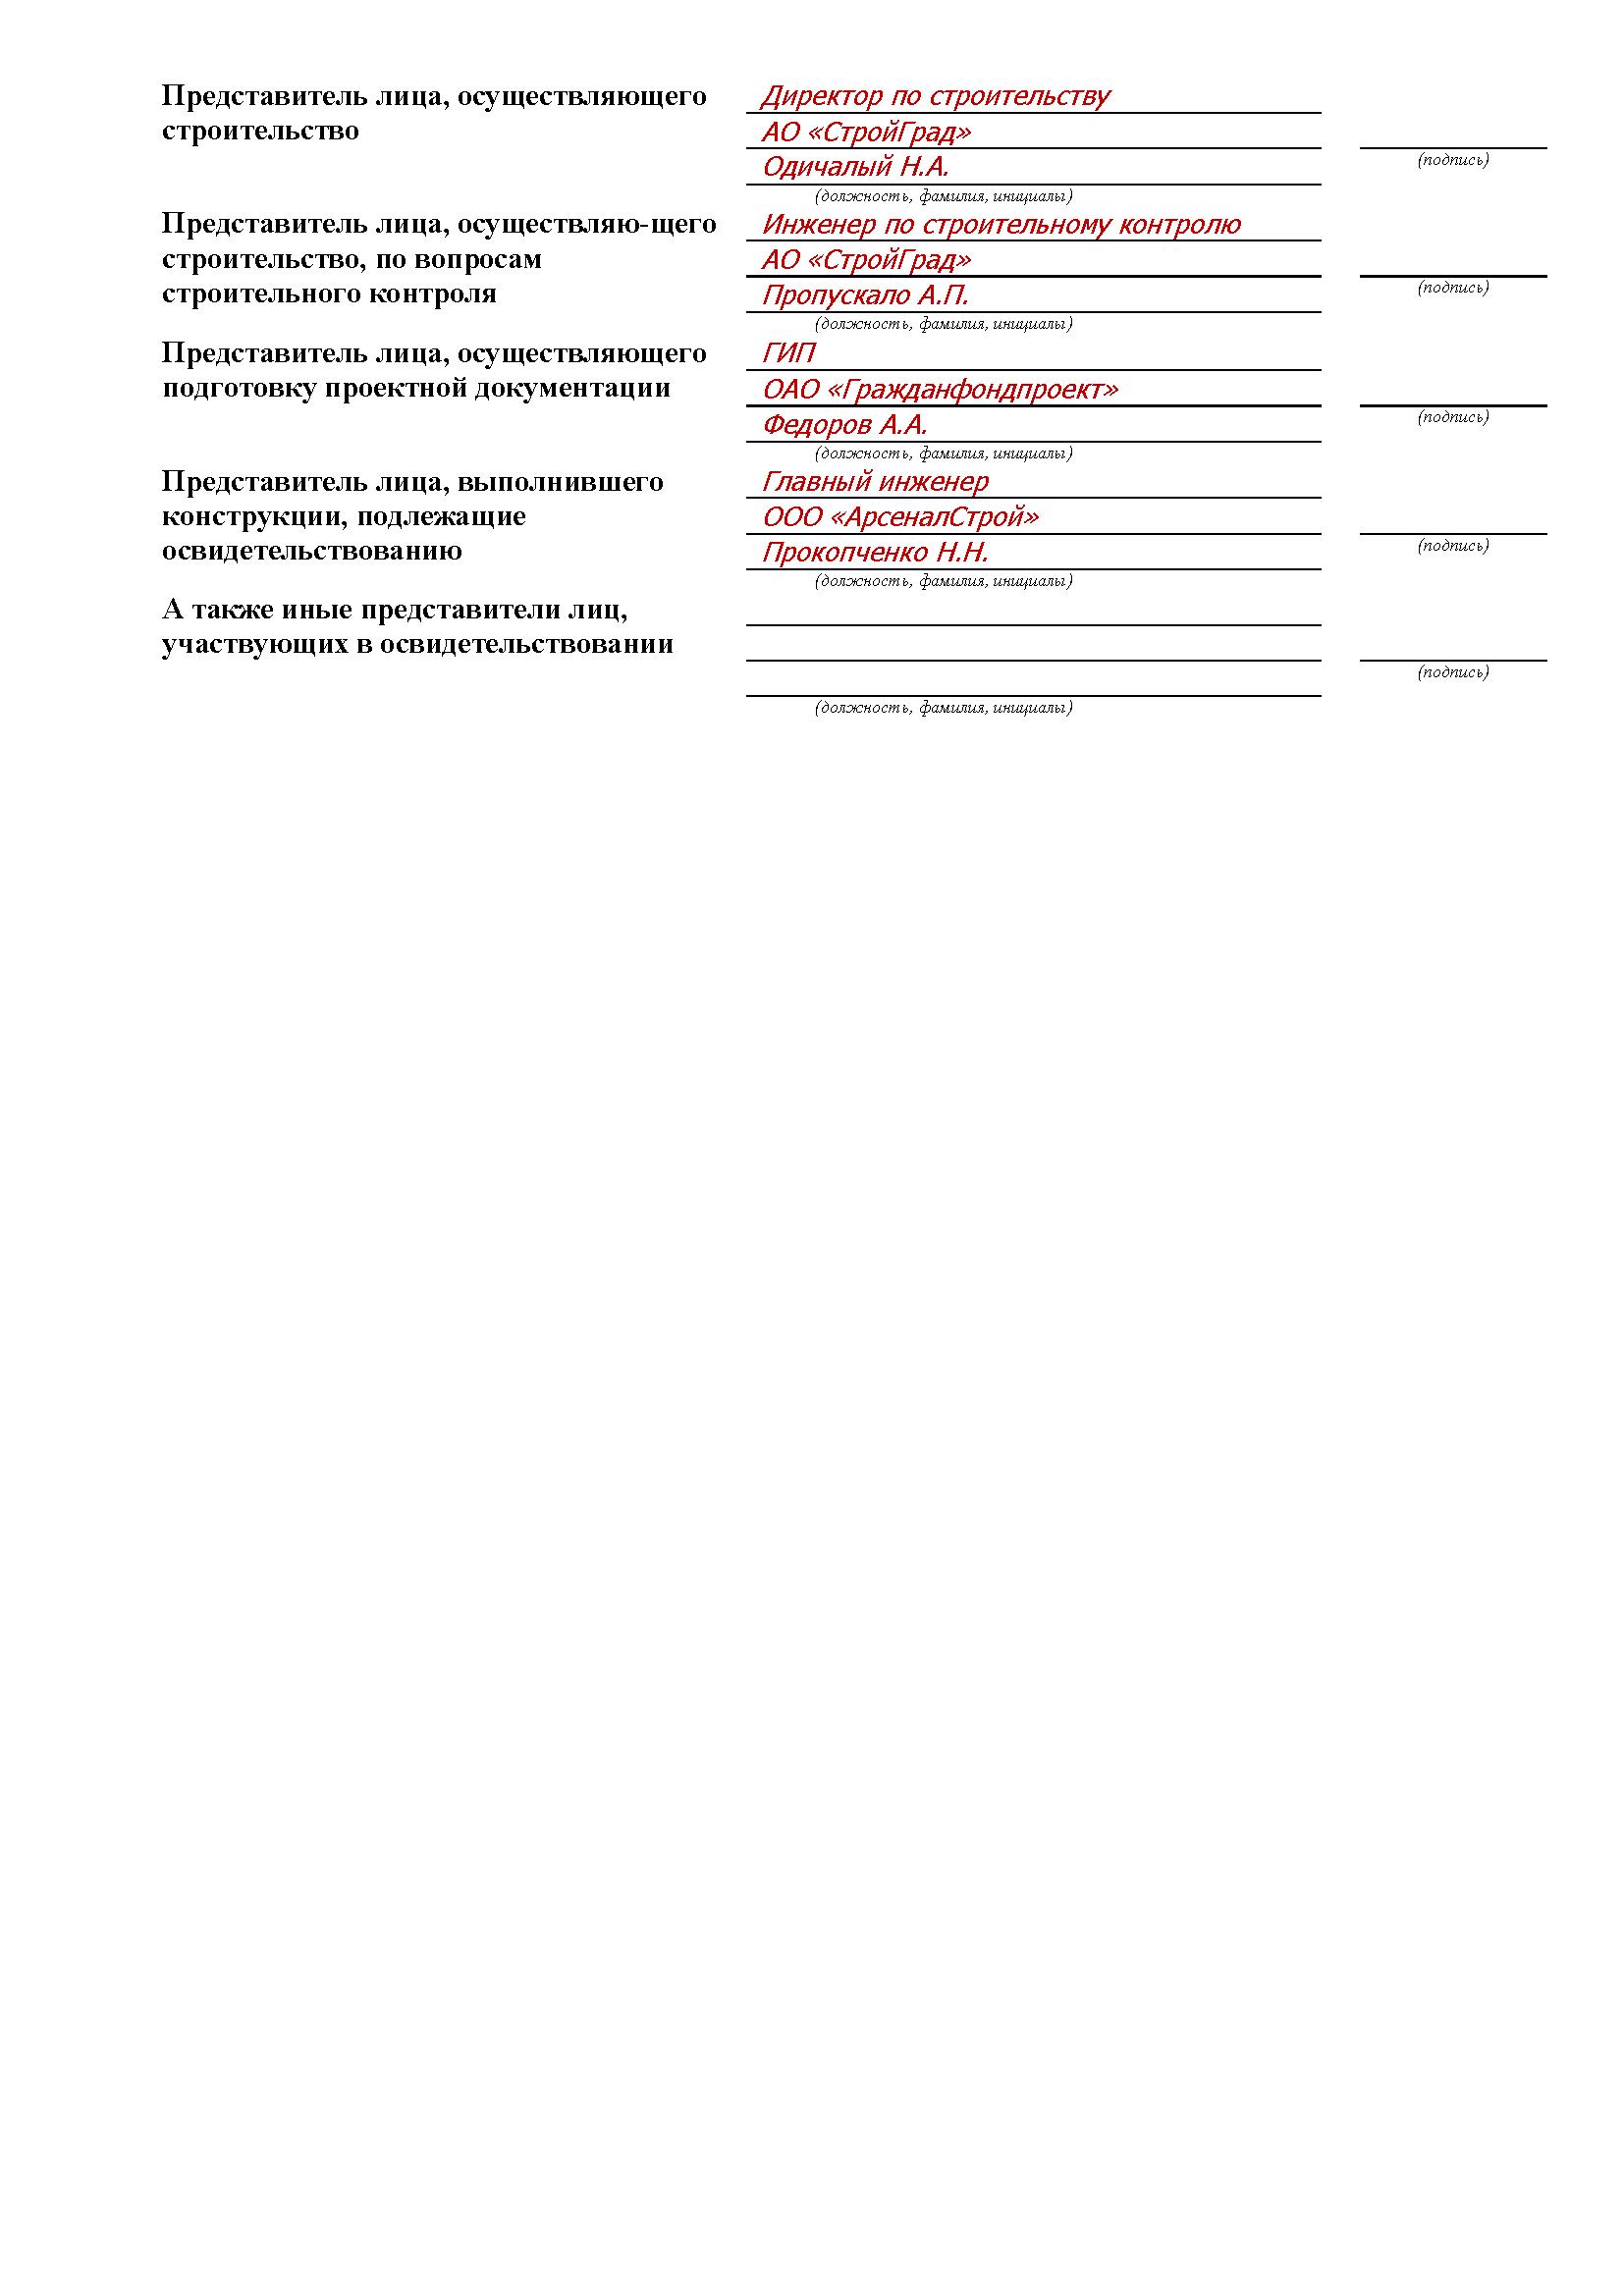 Актов освидетельствования ответственных конструкций на Монолитный железобетонный фундамент здания_Страница_3